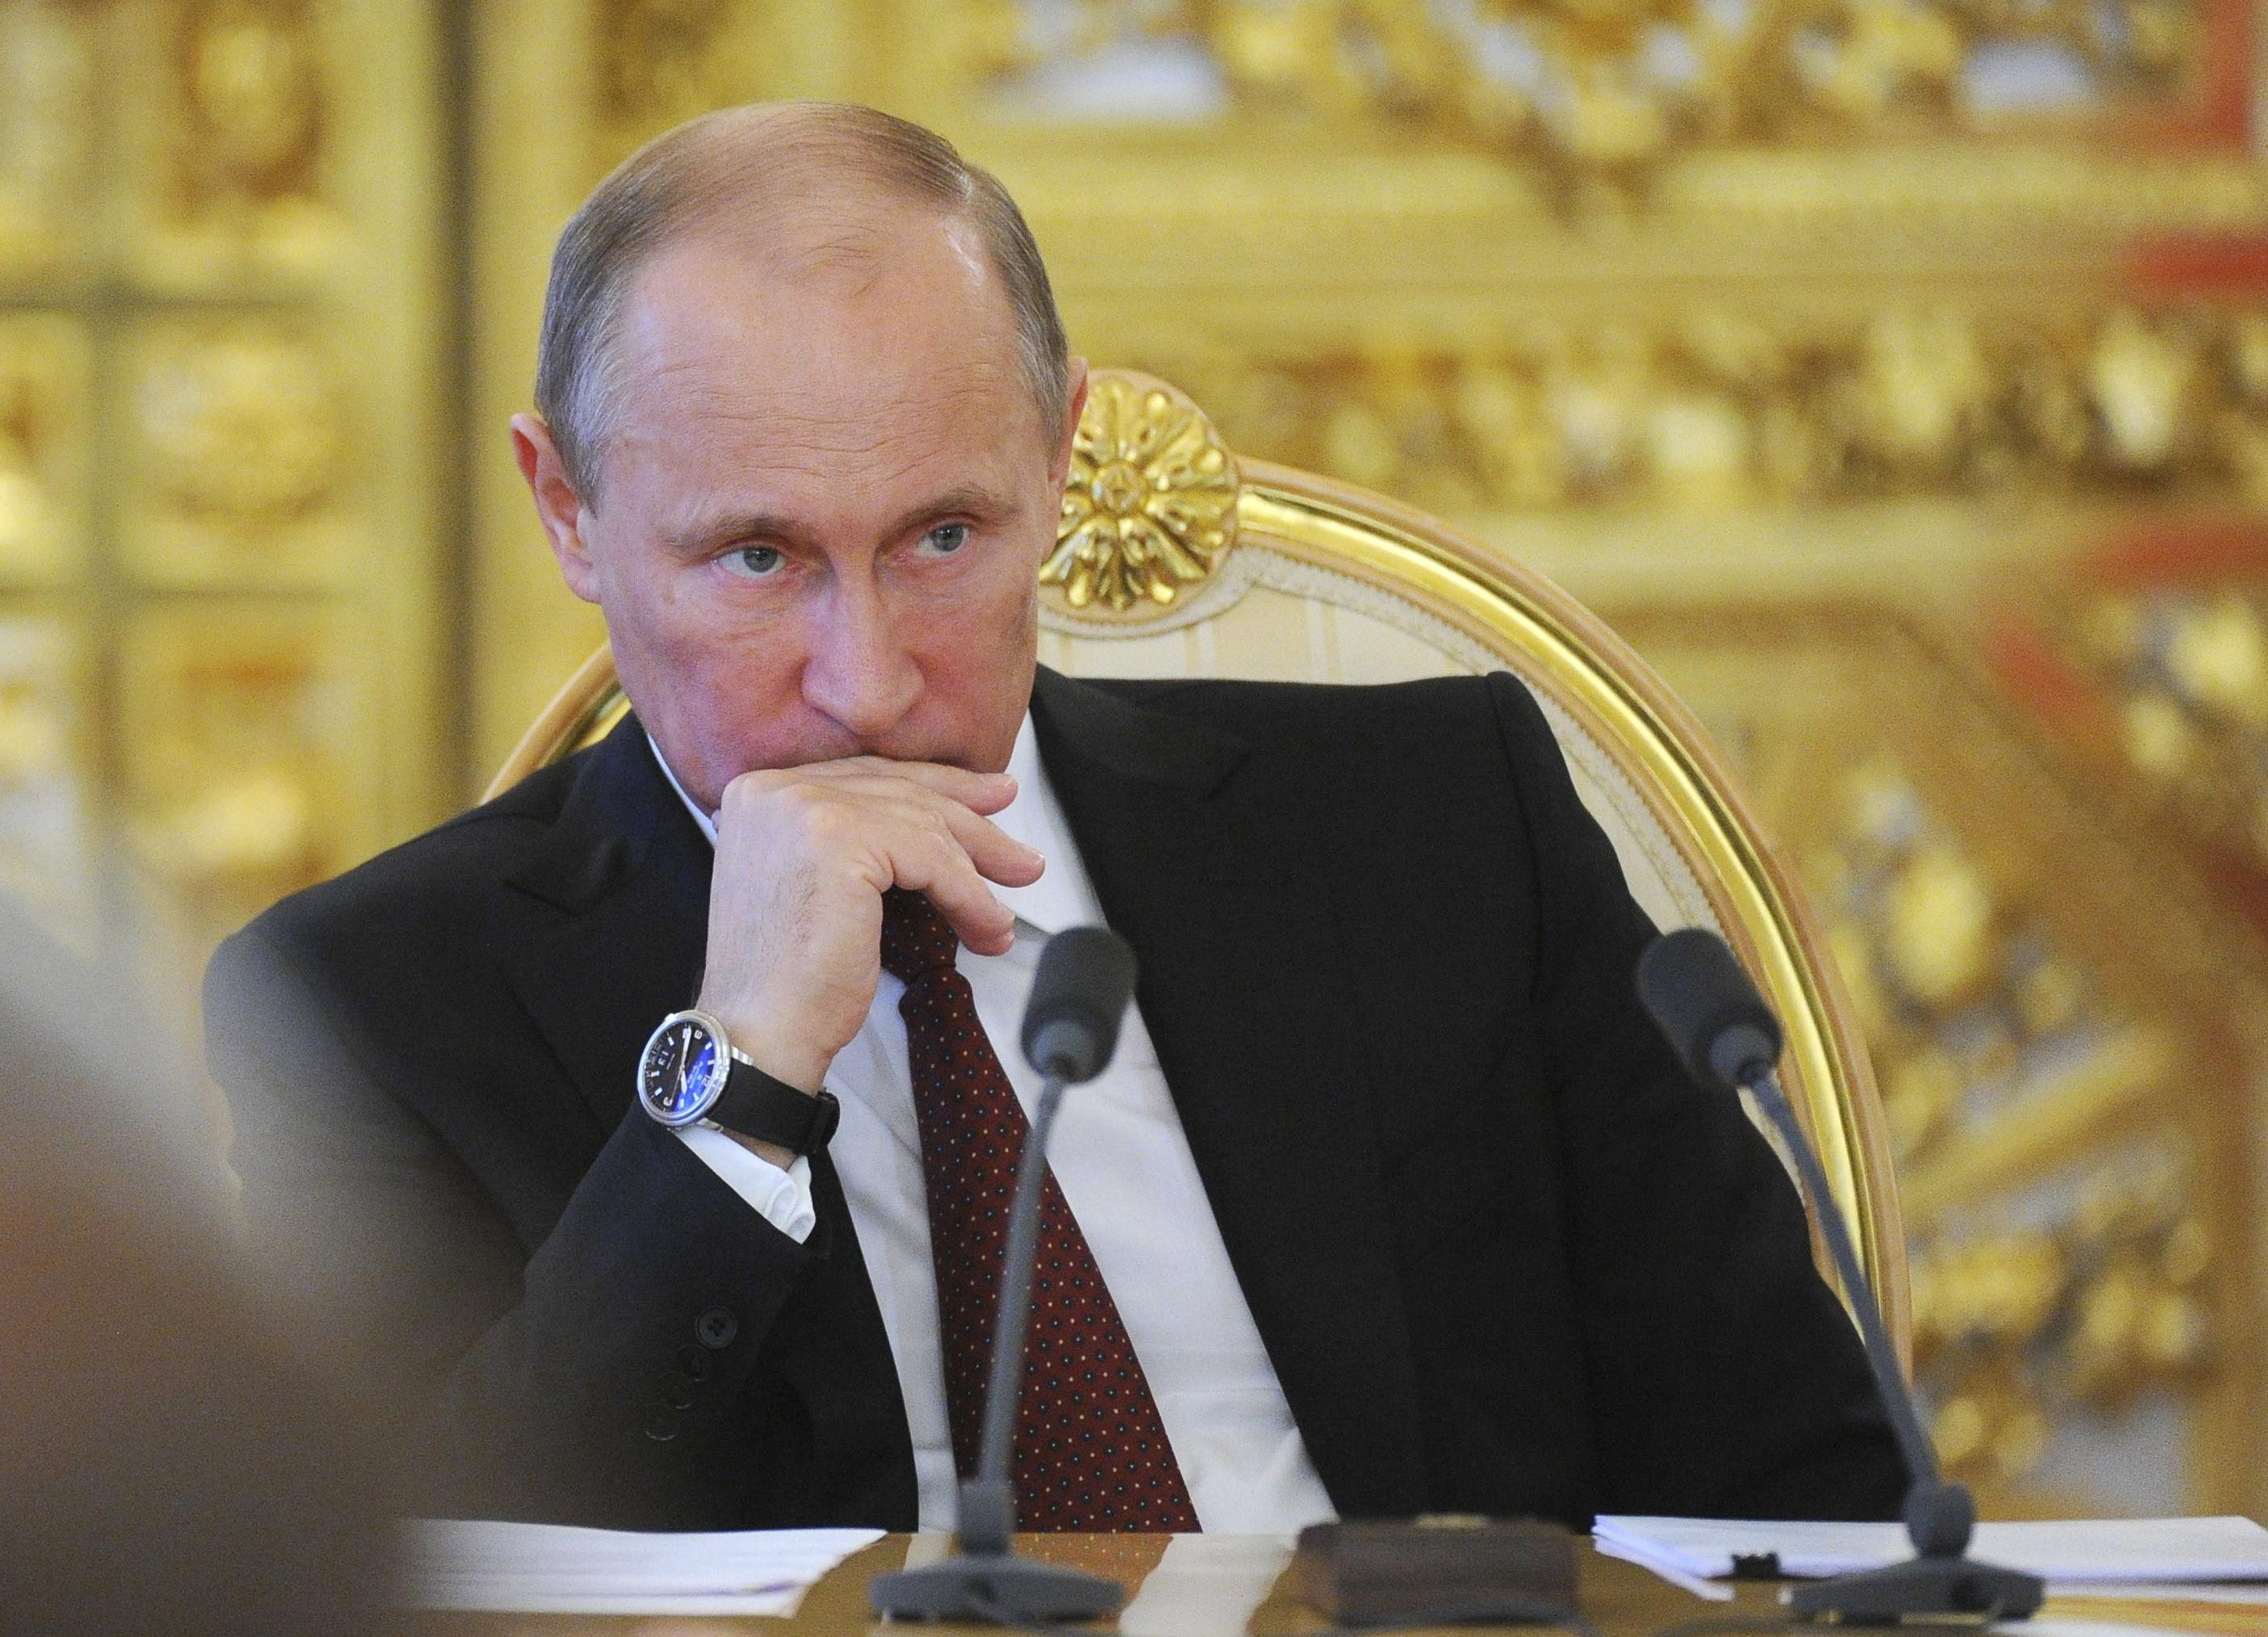 «Вороже оточення» України — міф чи реальність?